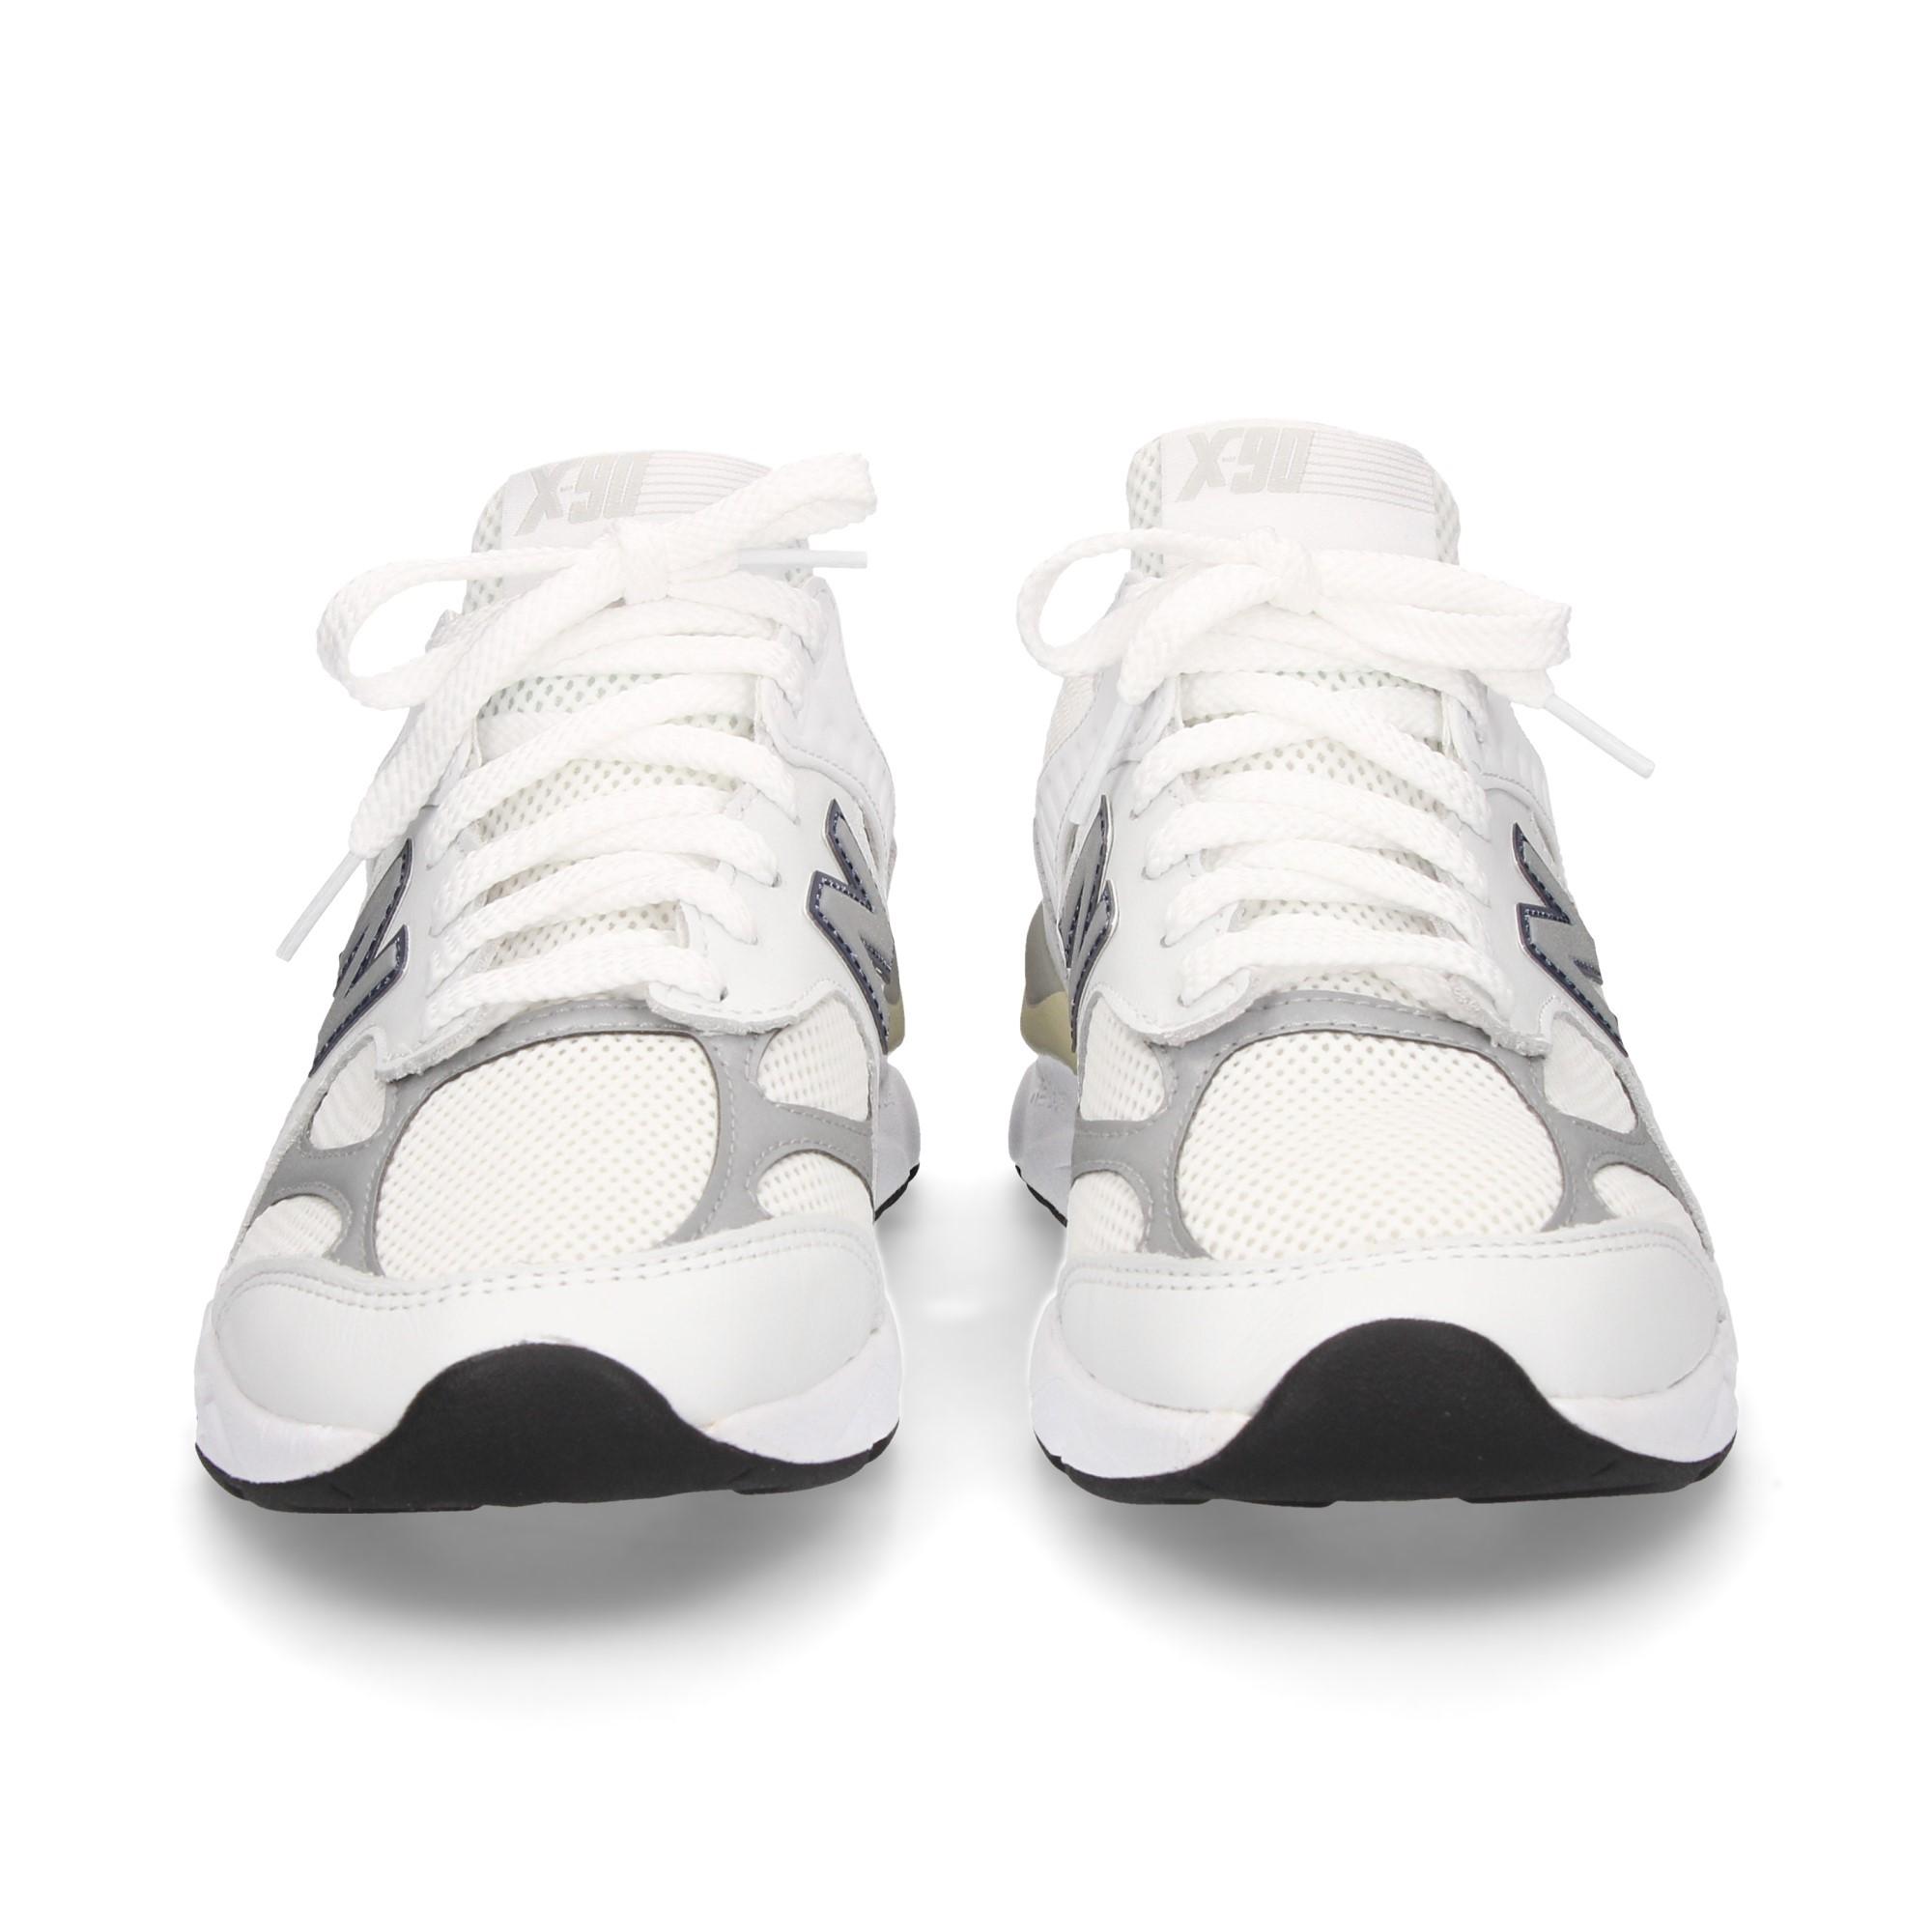 deportivo-malla-piel-blanco-gris